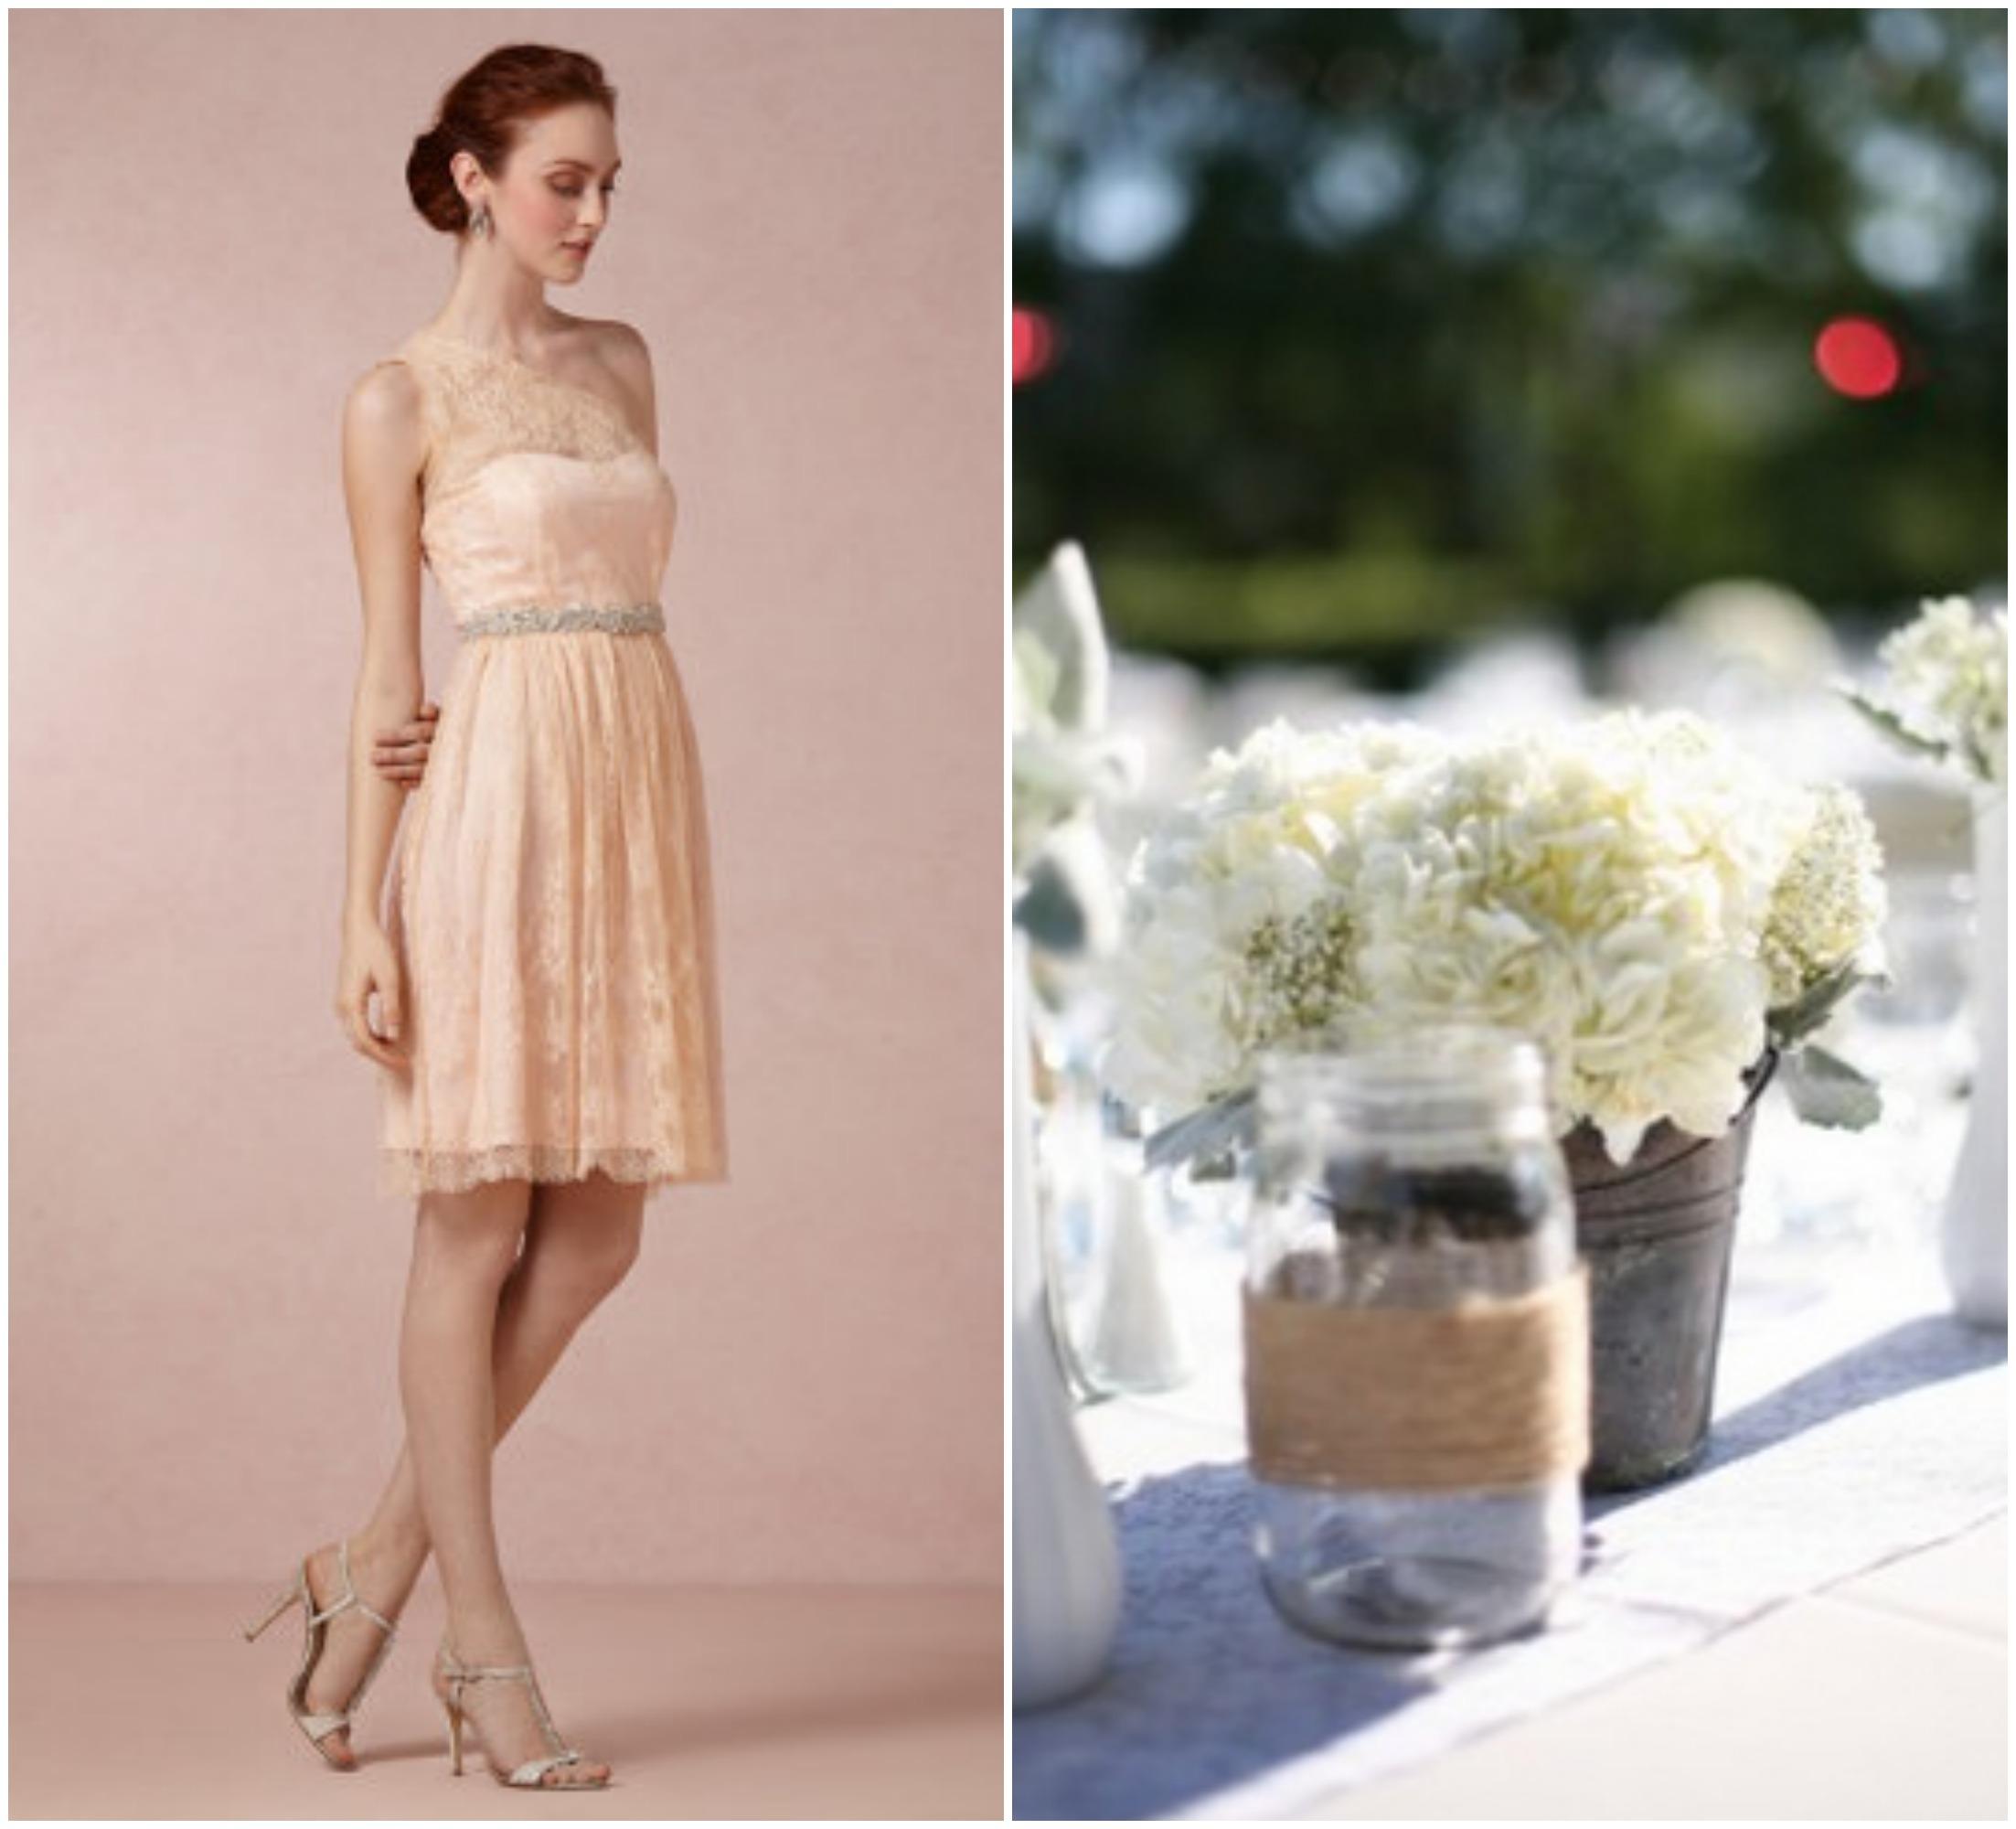 Garden wedding bridesmaid dresses rustic wedding chic for Wedding dresses garden wedding